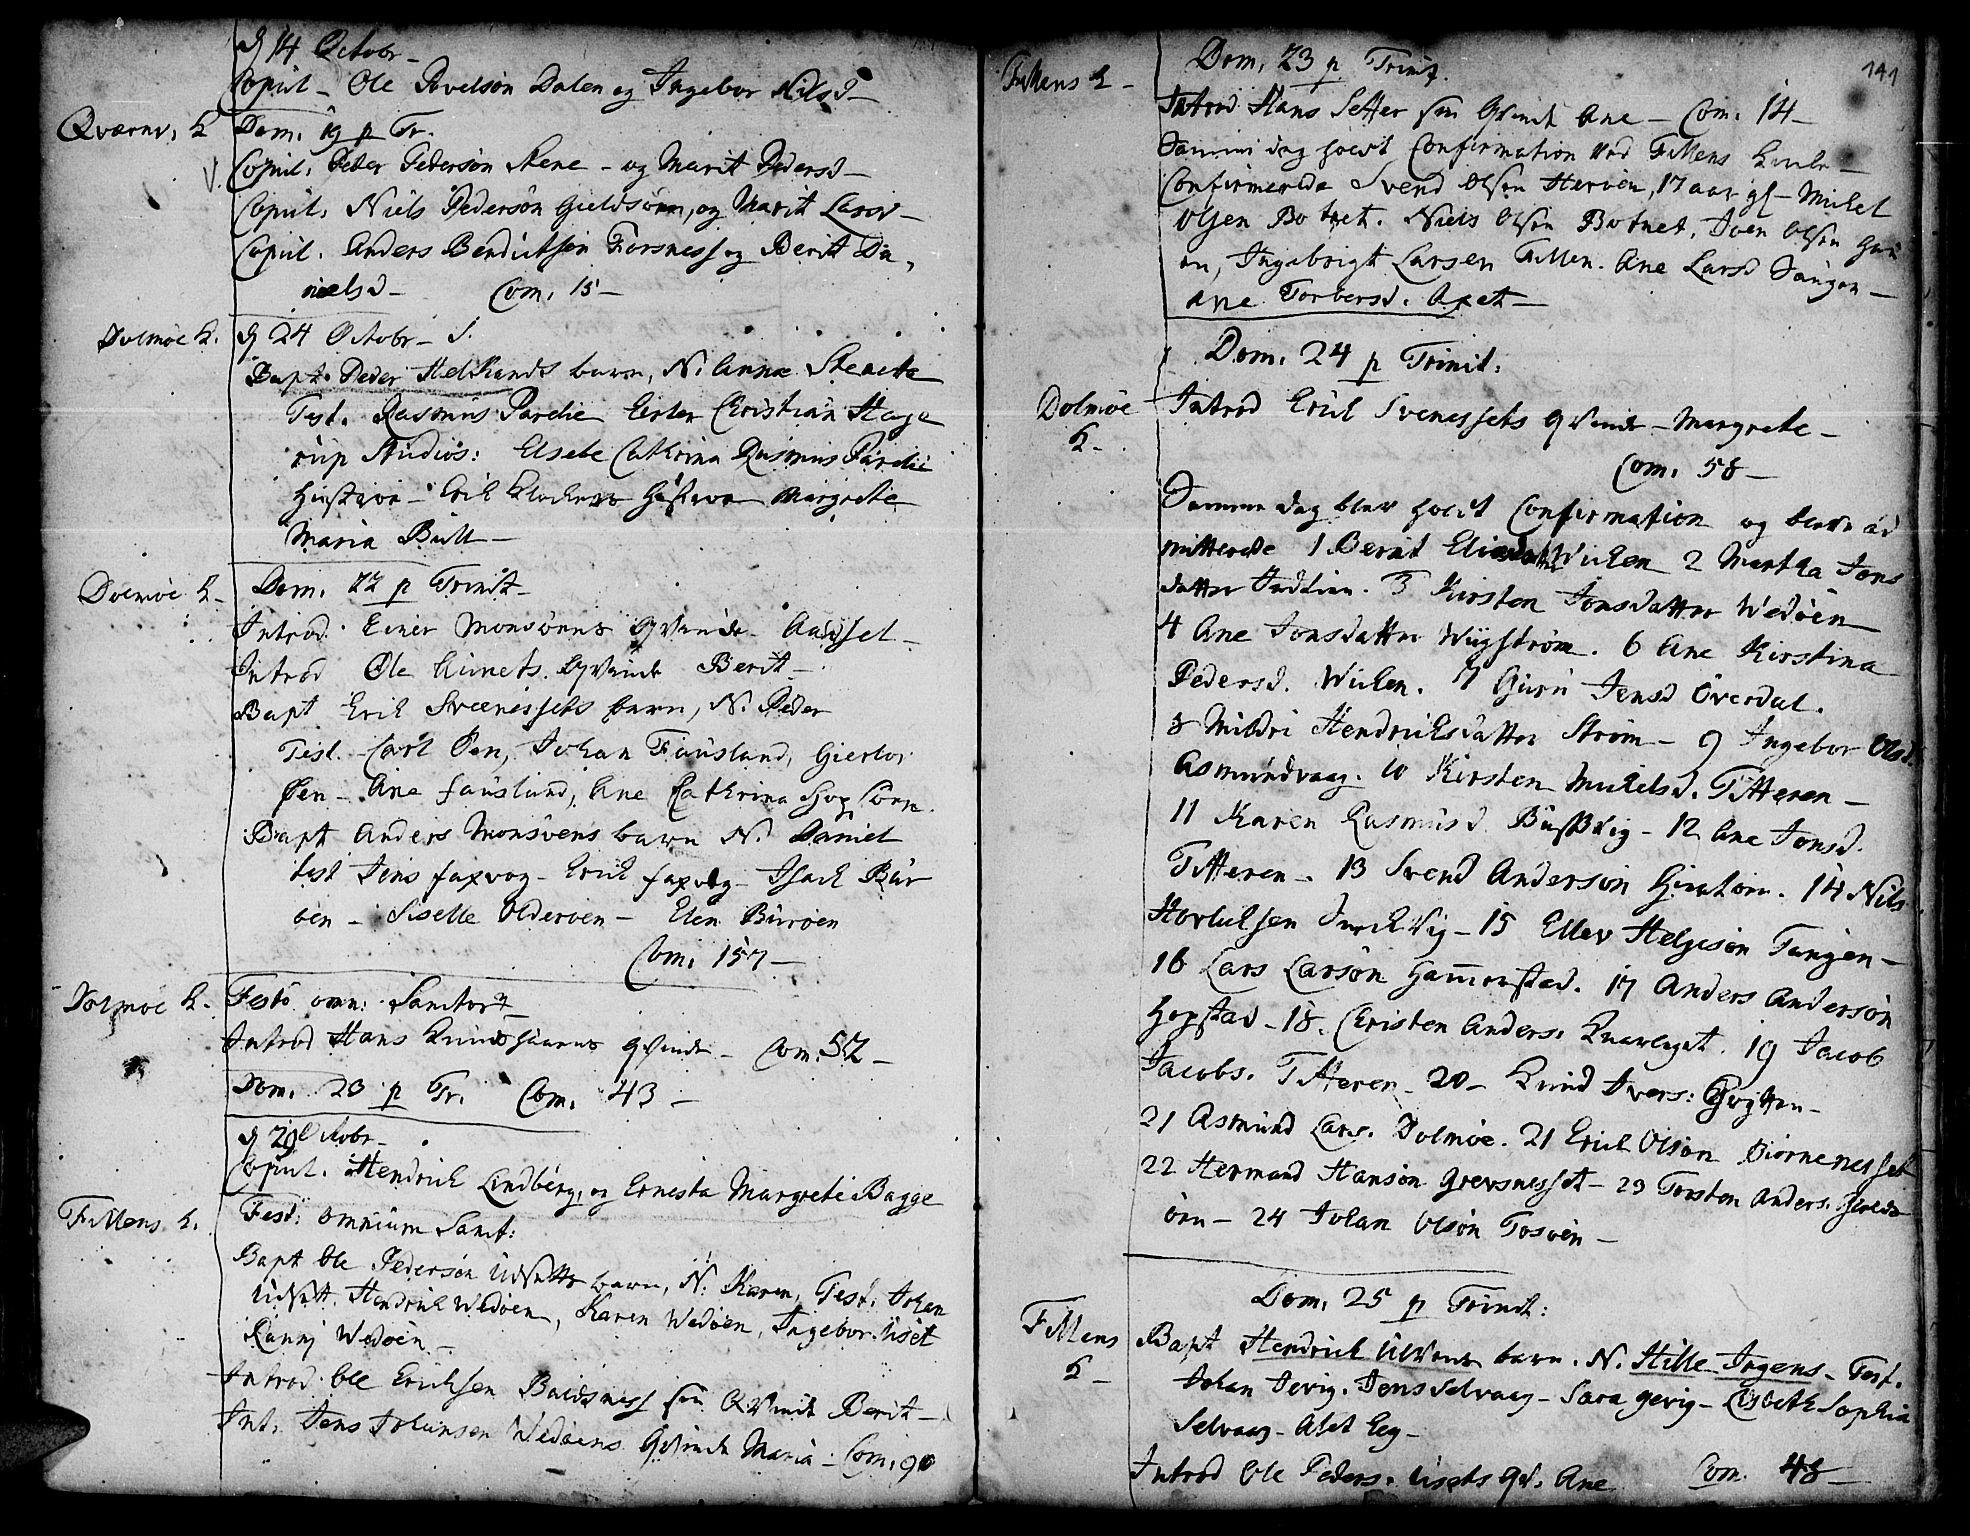 SAT, Ministerialprotokoller, klokkerbøker og fødselsregistre - Sør-Trøndelag, 634/L0525: Ministerialbok nr. 634A01, 1736-1775, s. 141